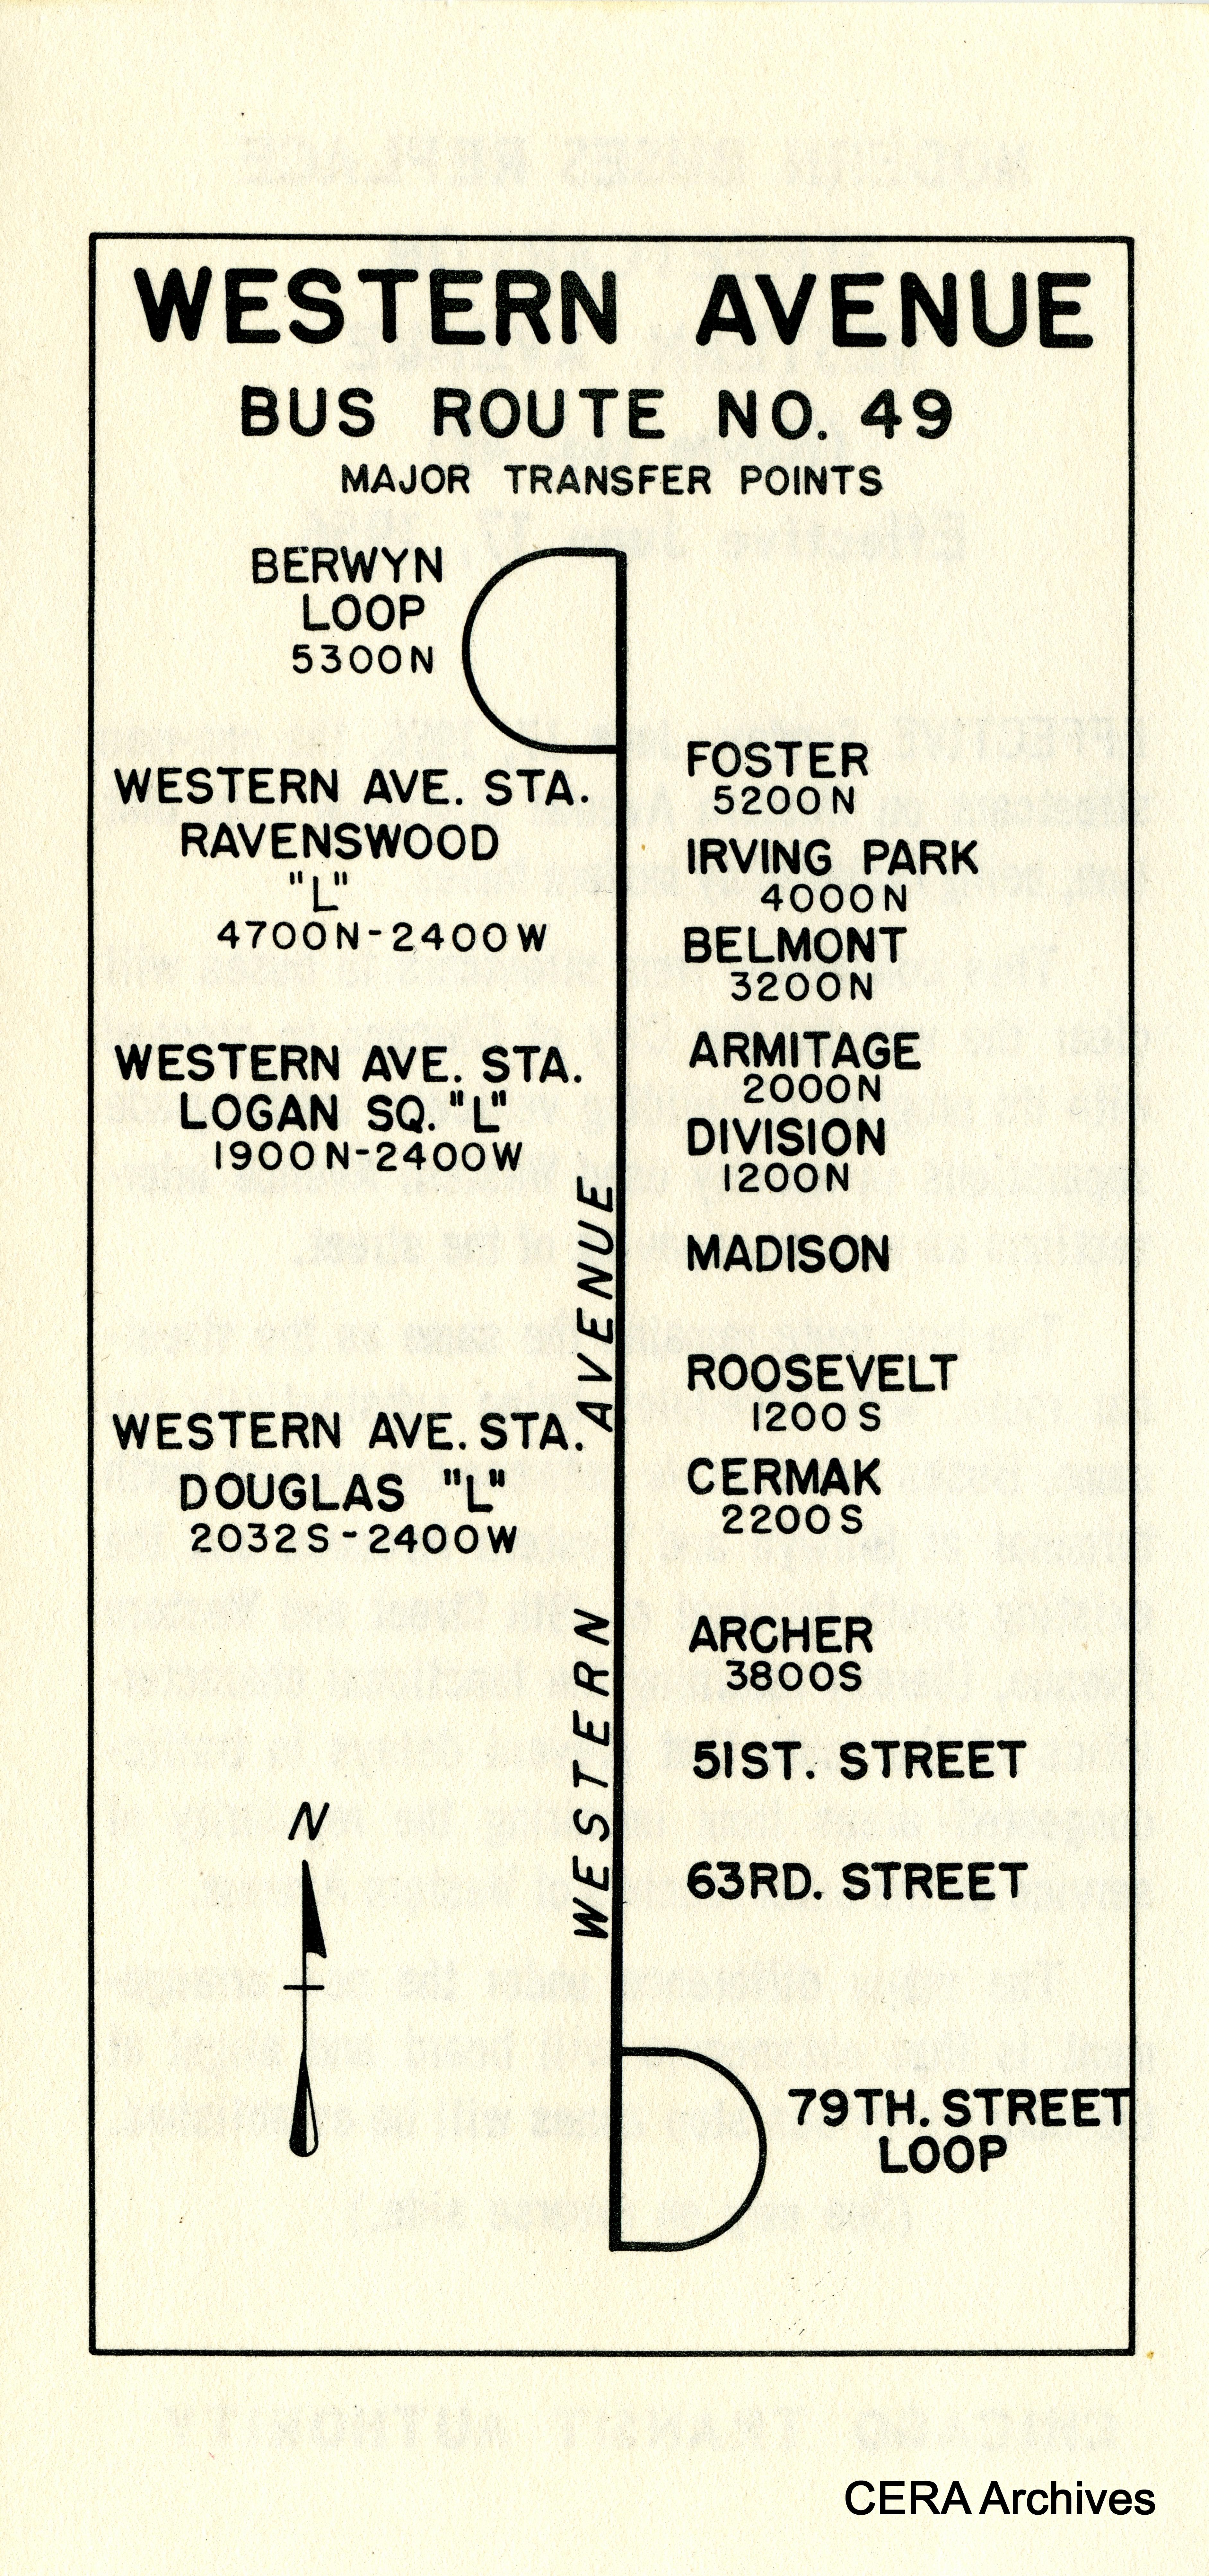 CERA Chicago - 1950s CTA Service Change Leaflets